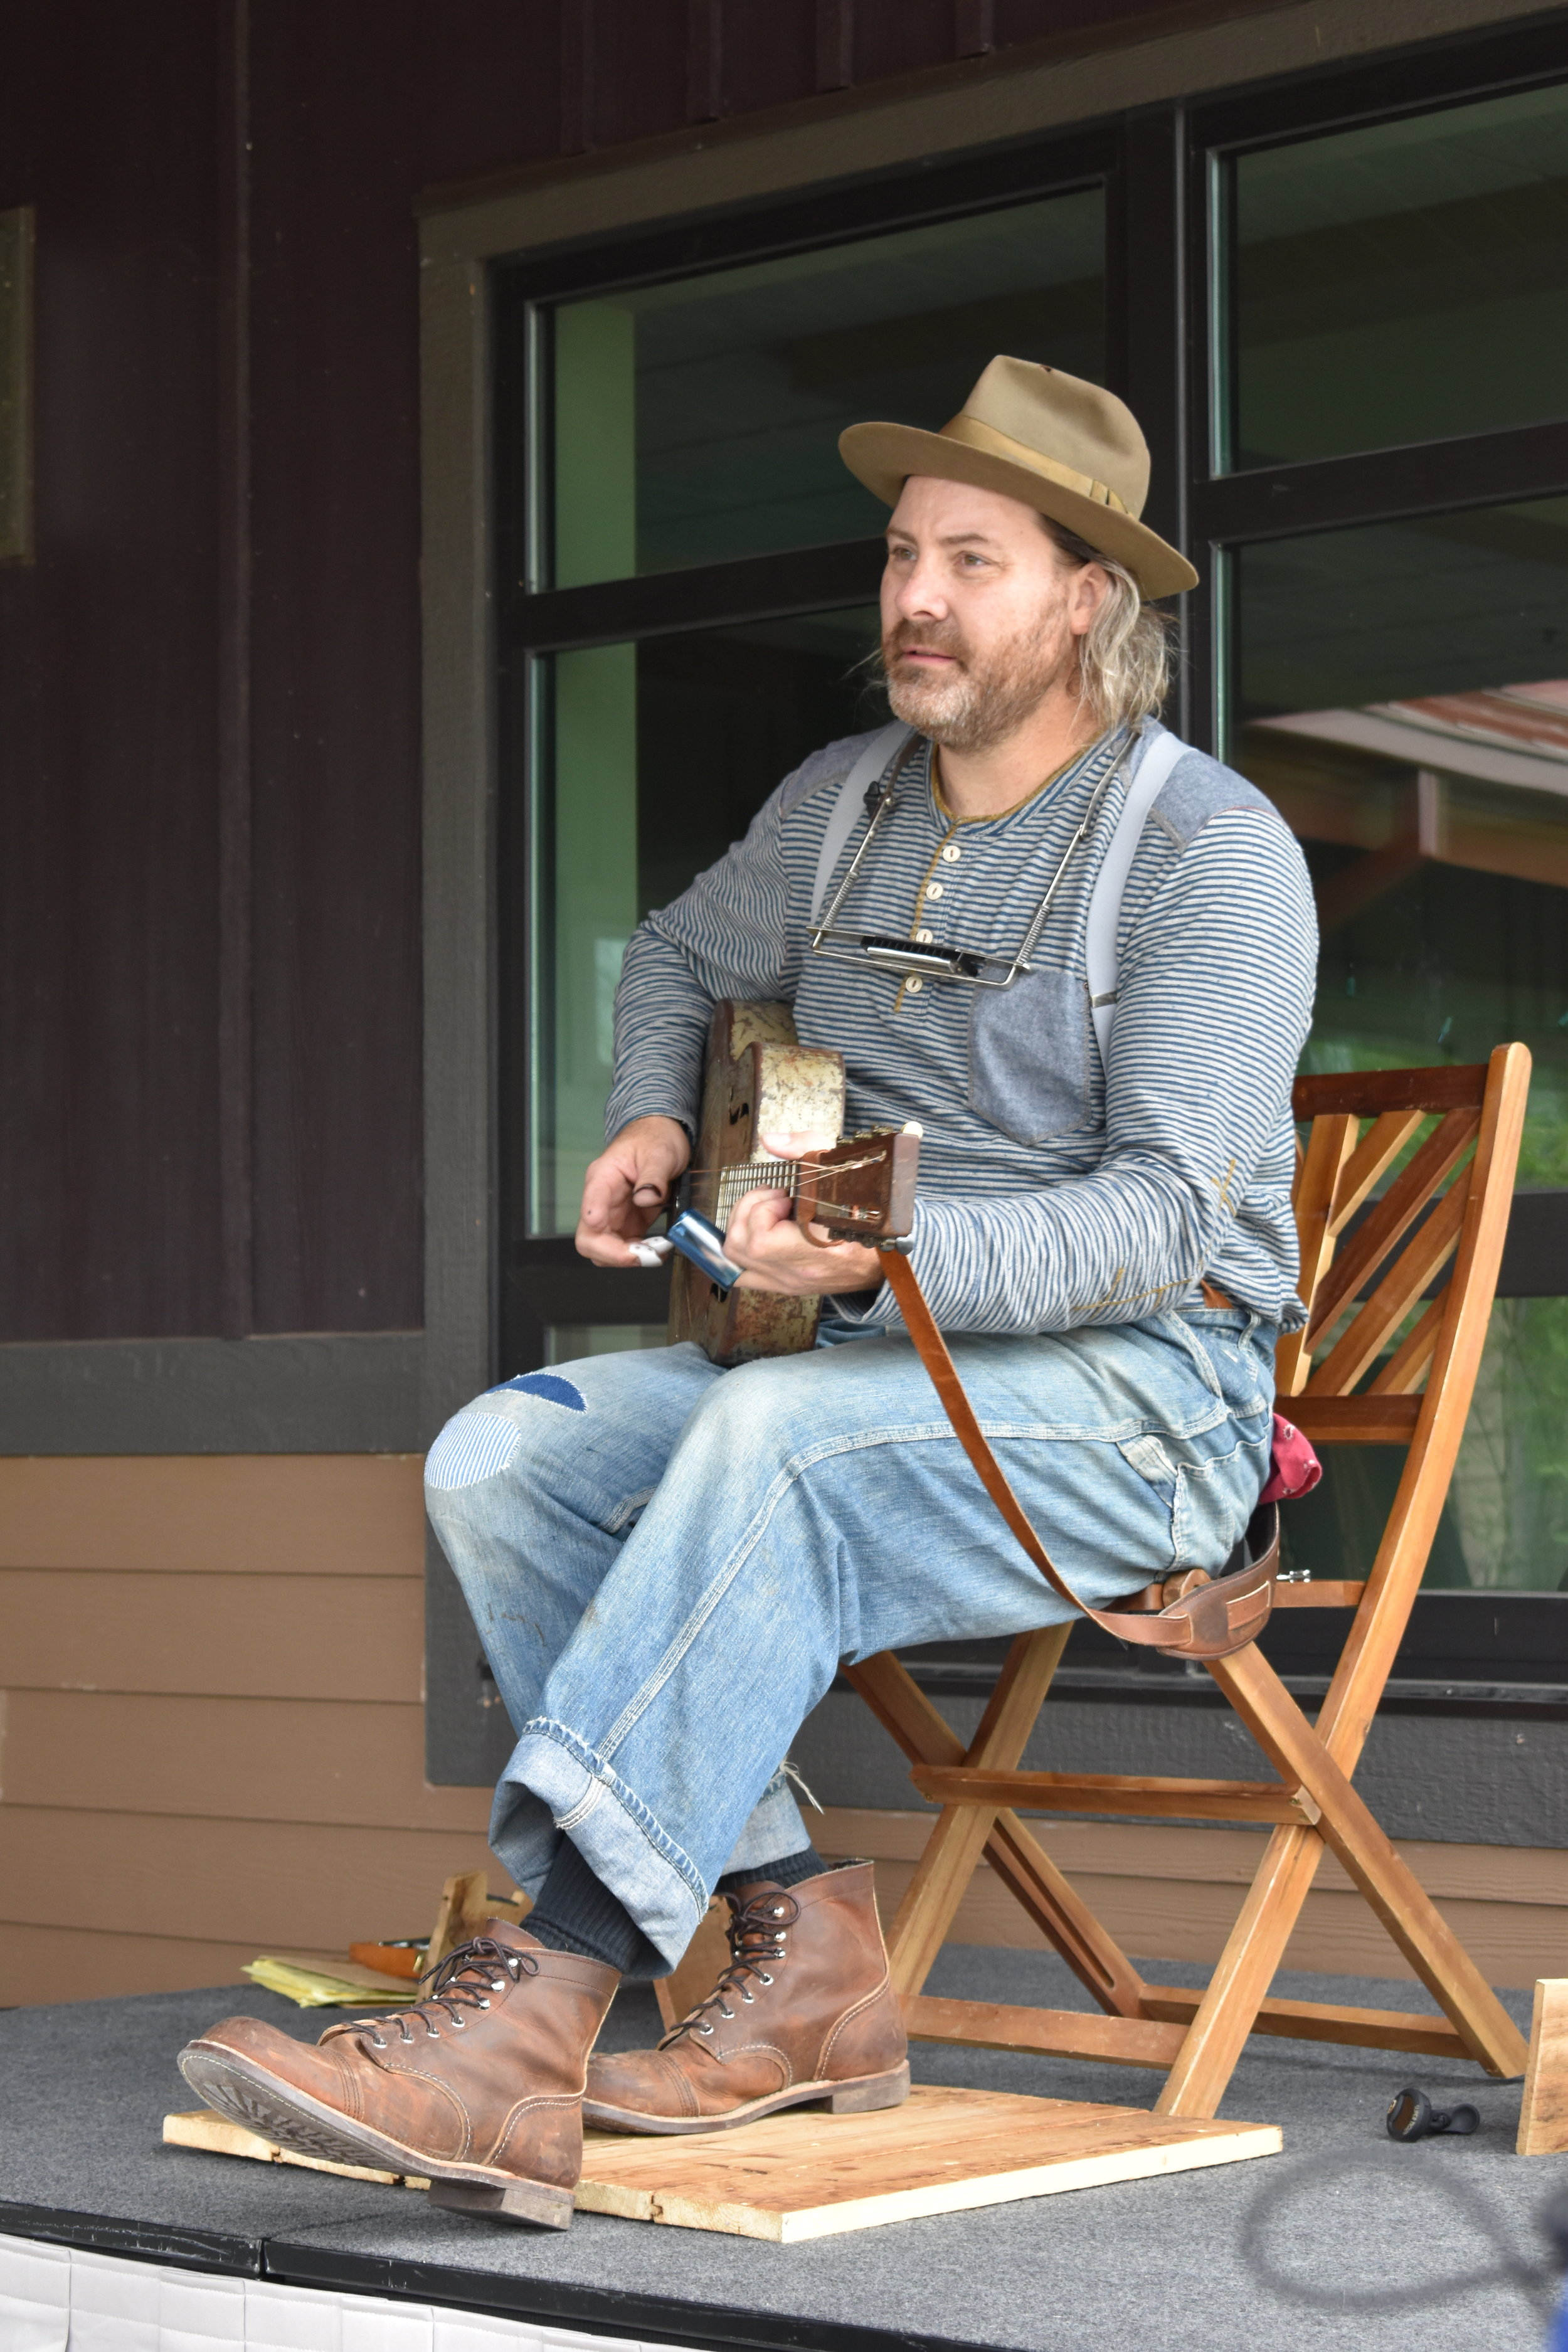 Folk Festival of Music and Dance- Folk musician Lou Shields